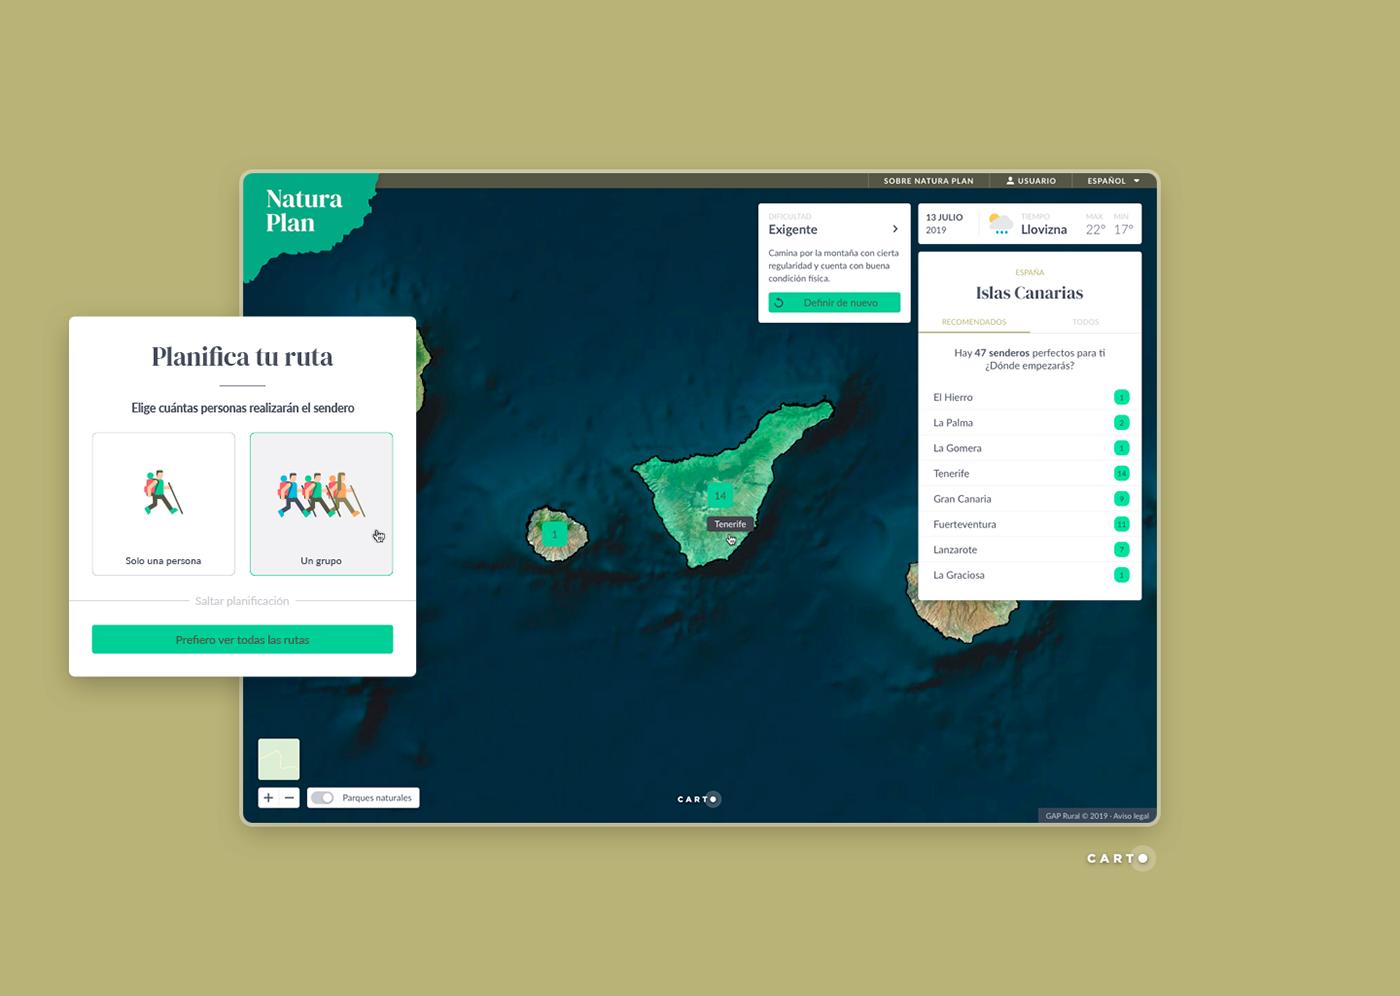 Image may contain: map, screenshot and monitor